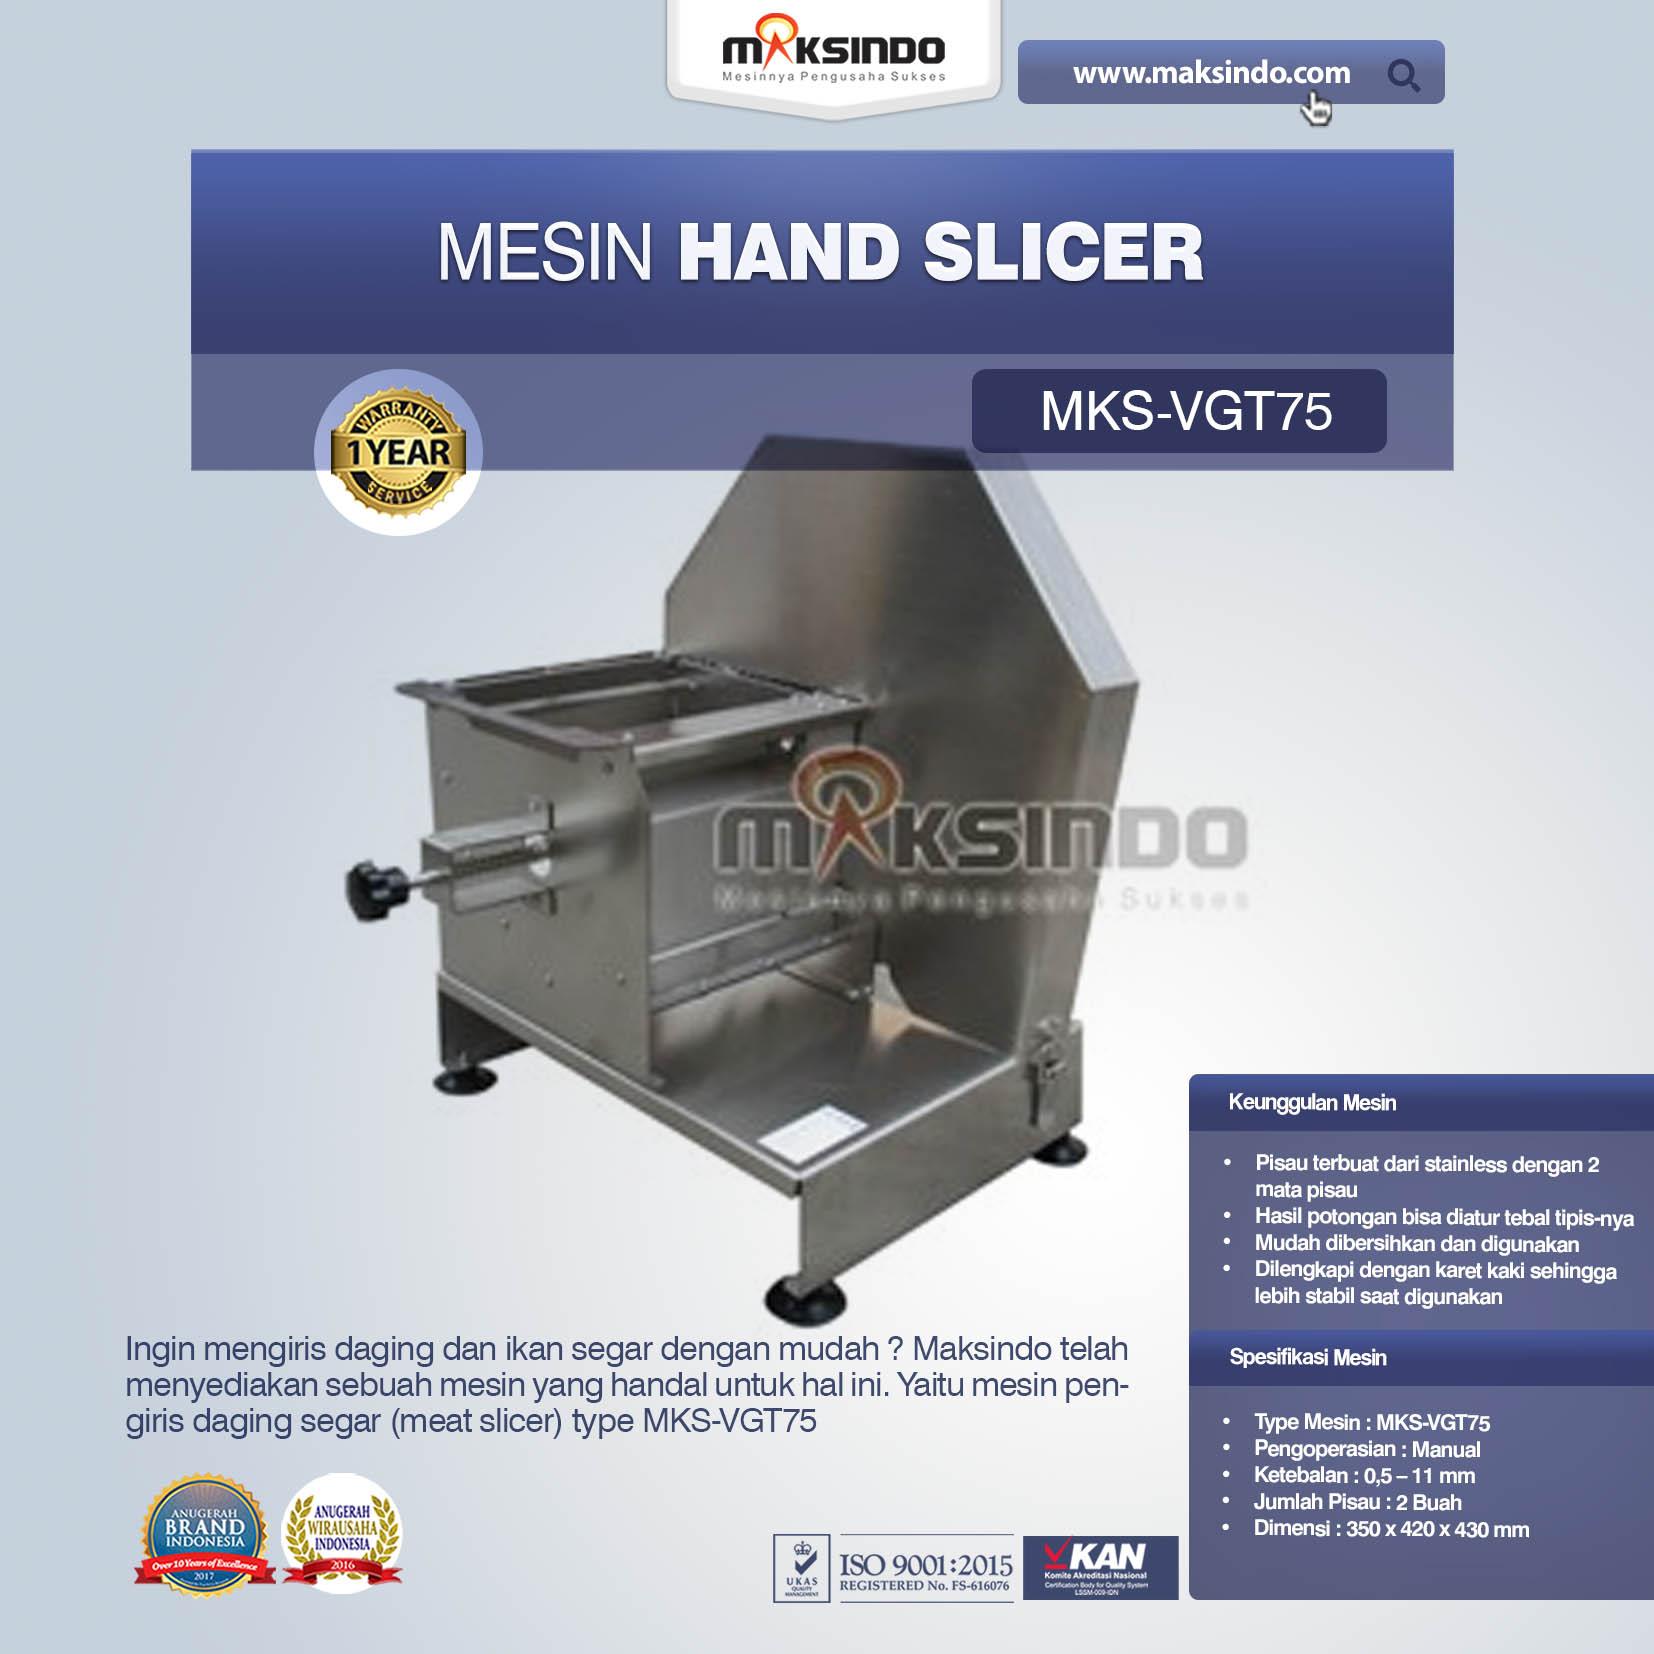 Jual Perajang Serbaguna, Hand Slicer MKS-VGT75 di Medan